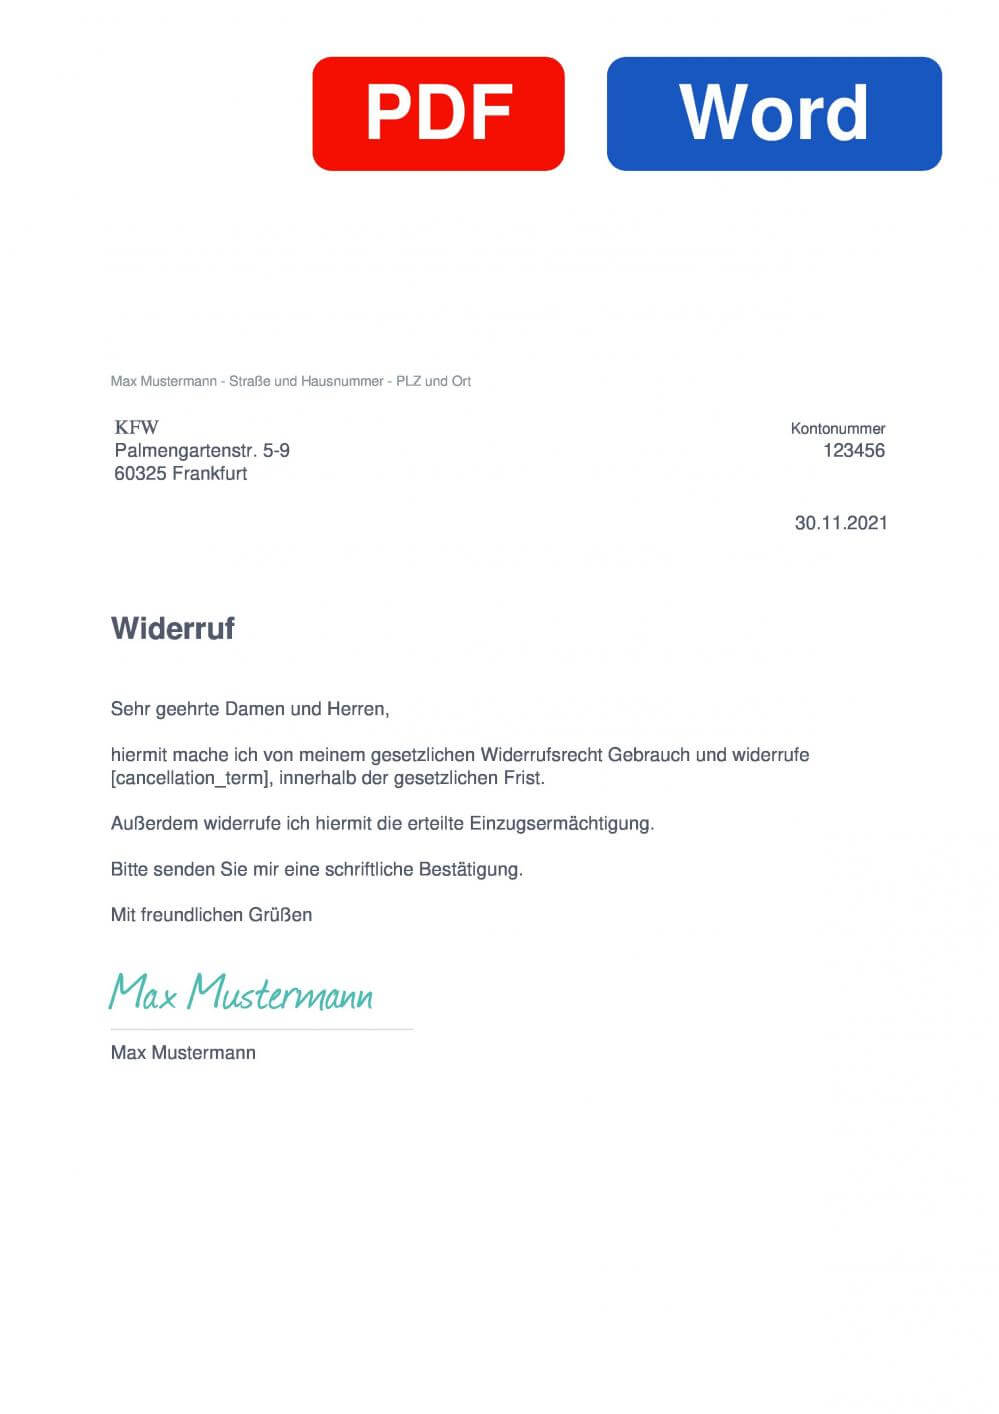 KFW Muster Vorlage für Wiederrufsschreiben